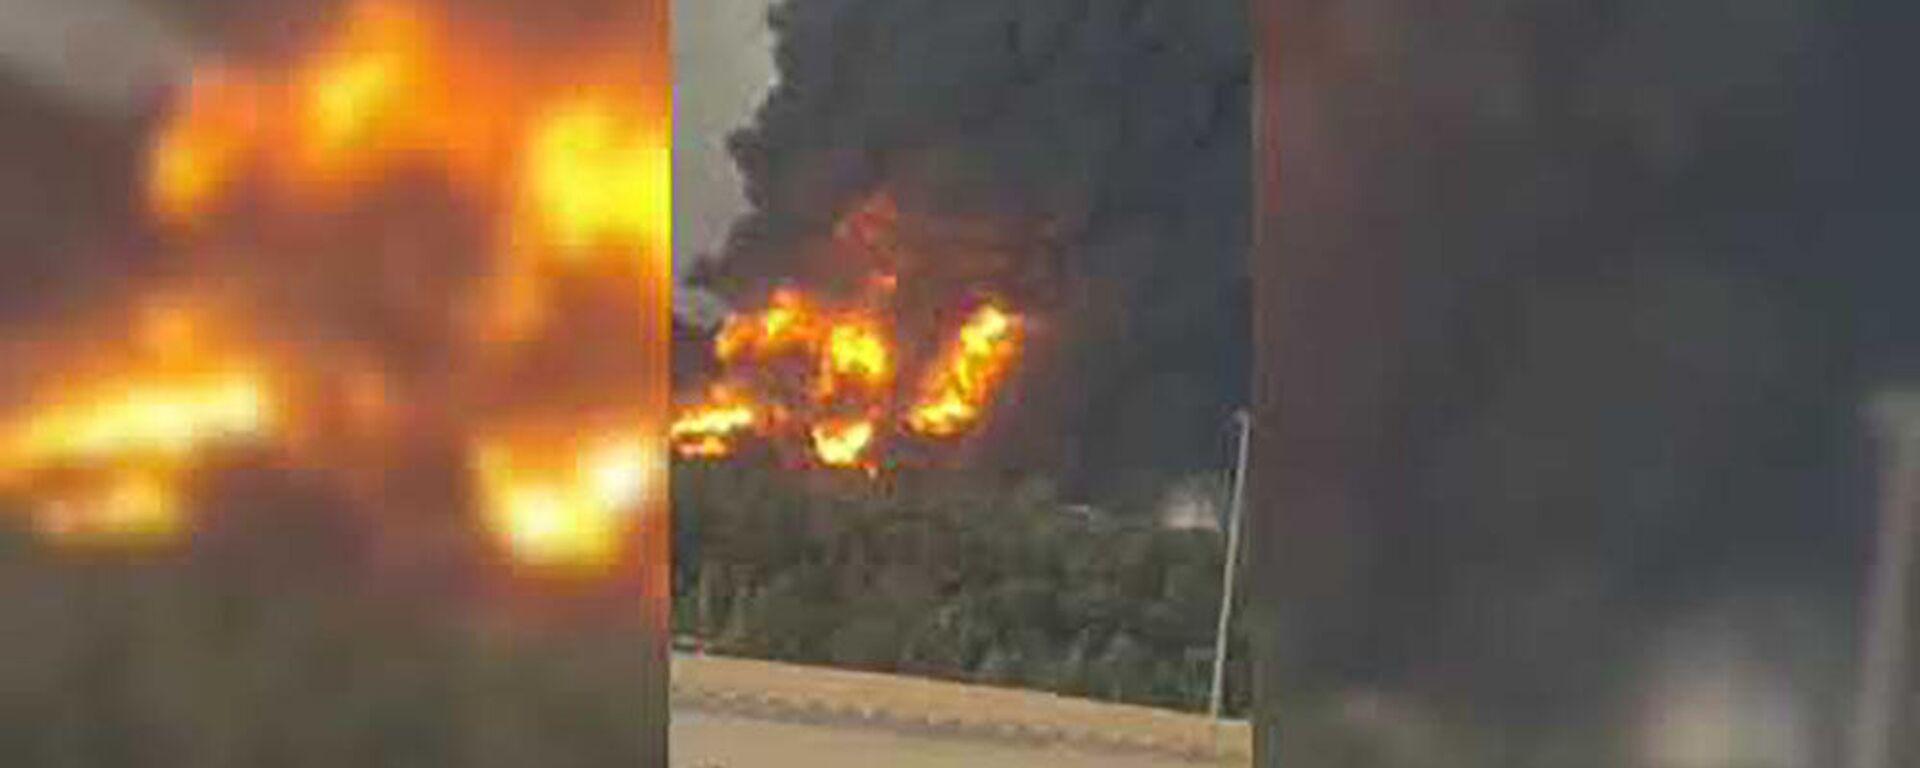 Пожар в Тегеране на нефтеперерабатывающем заводе  - Sputnik Таджикистан, 1920, 03.06.2021